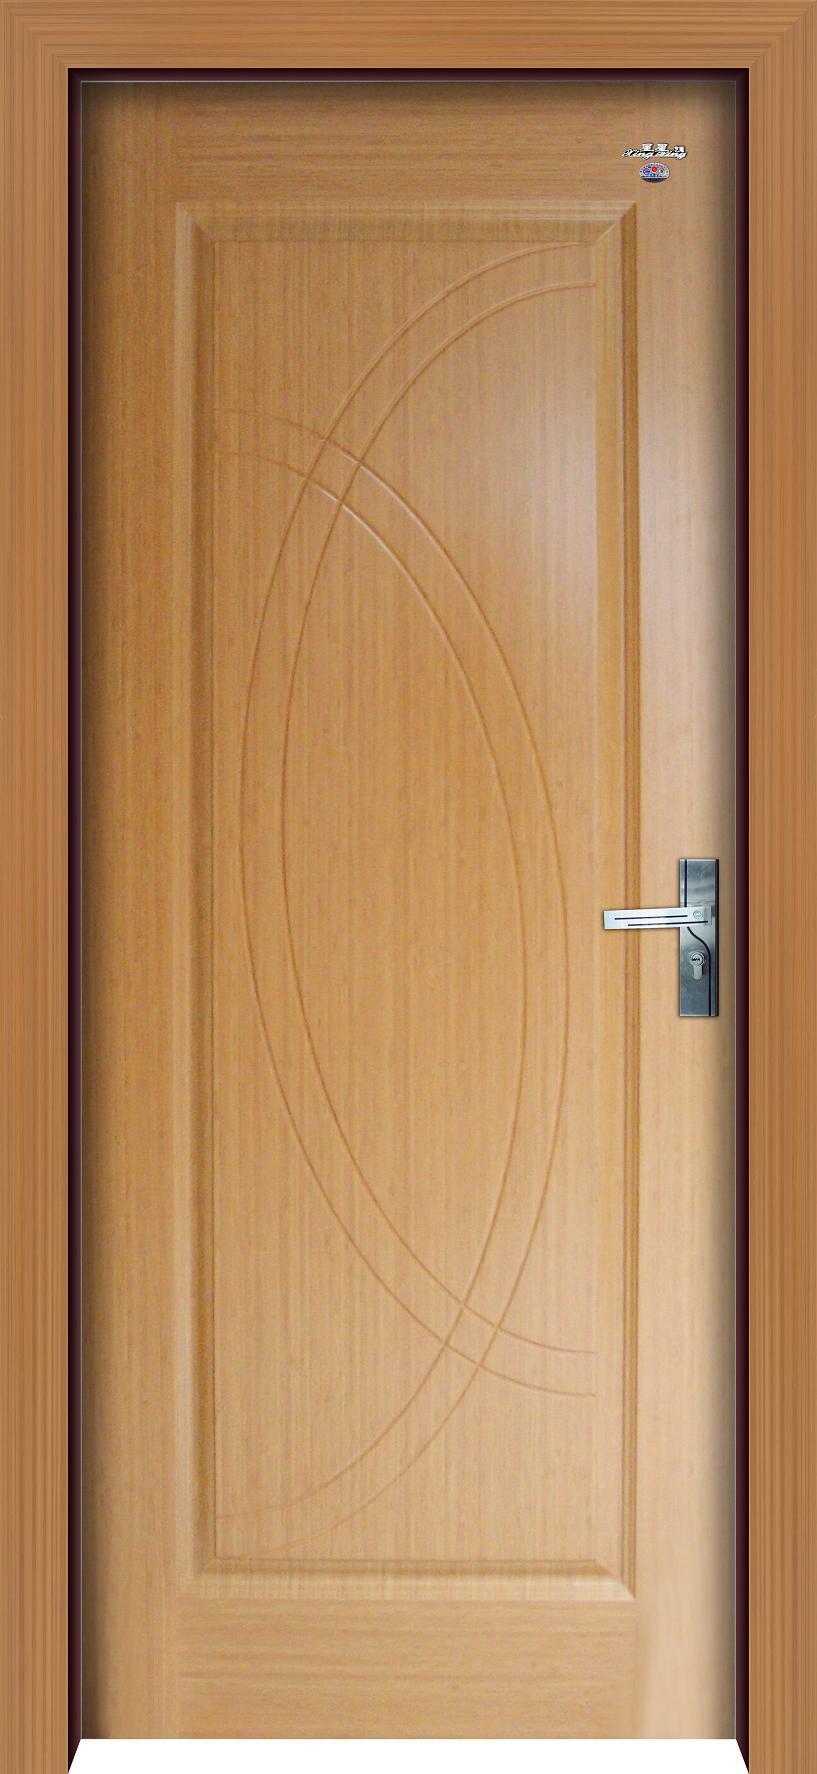 睿士无锁智能门效果 睿士安全门锁俱乐部市场可靠吗?